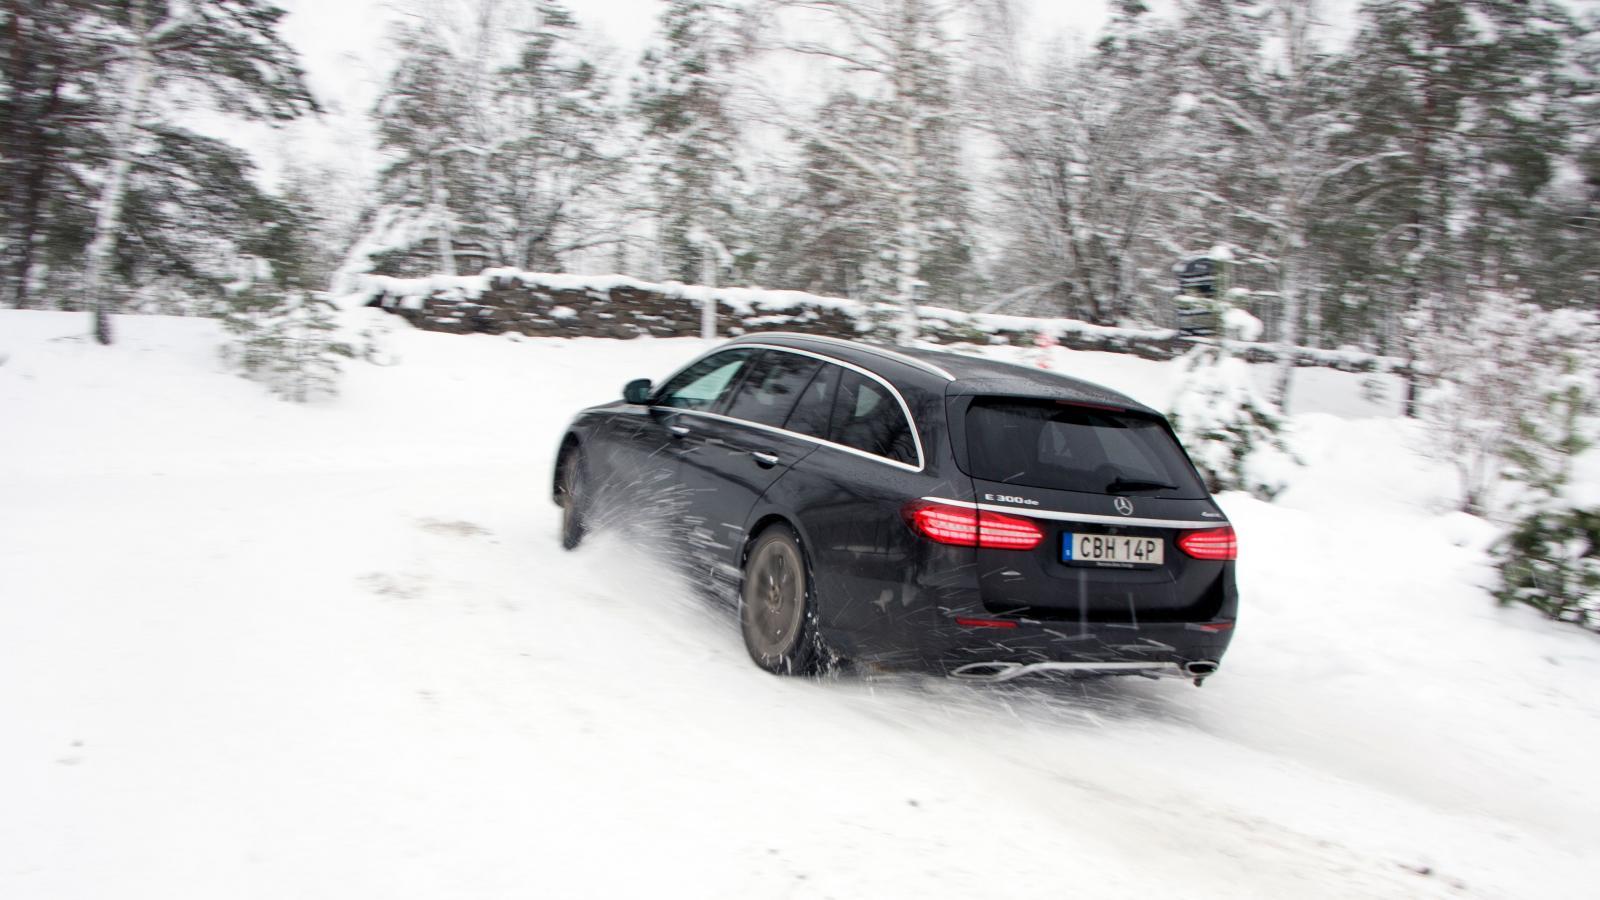 4MATIC-systemet ger Mercedes bäst framkomlighet i trion. Snabb och konsekvent reaktion, ingen sneddragning. Bilens karaktär är tydligt understyrd.